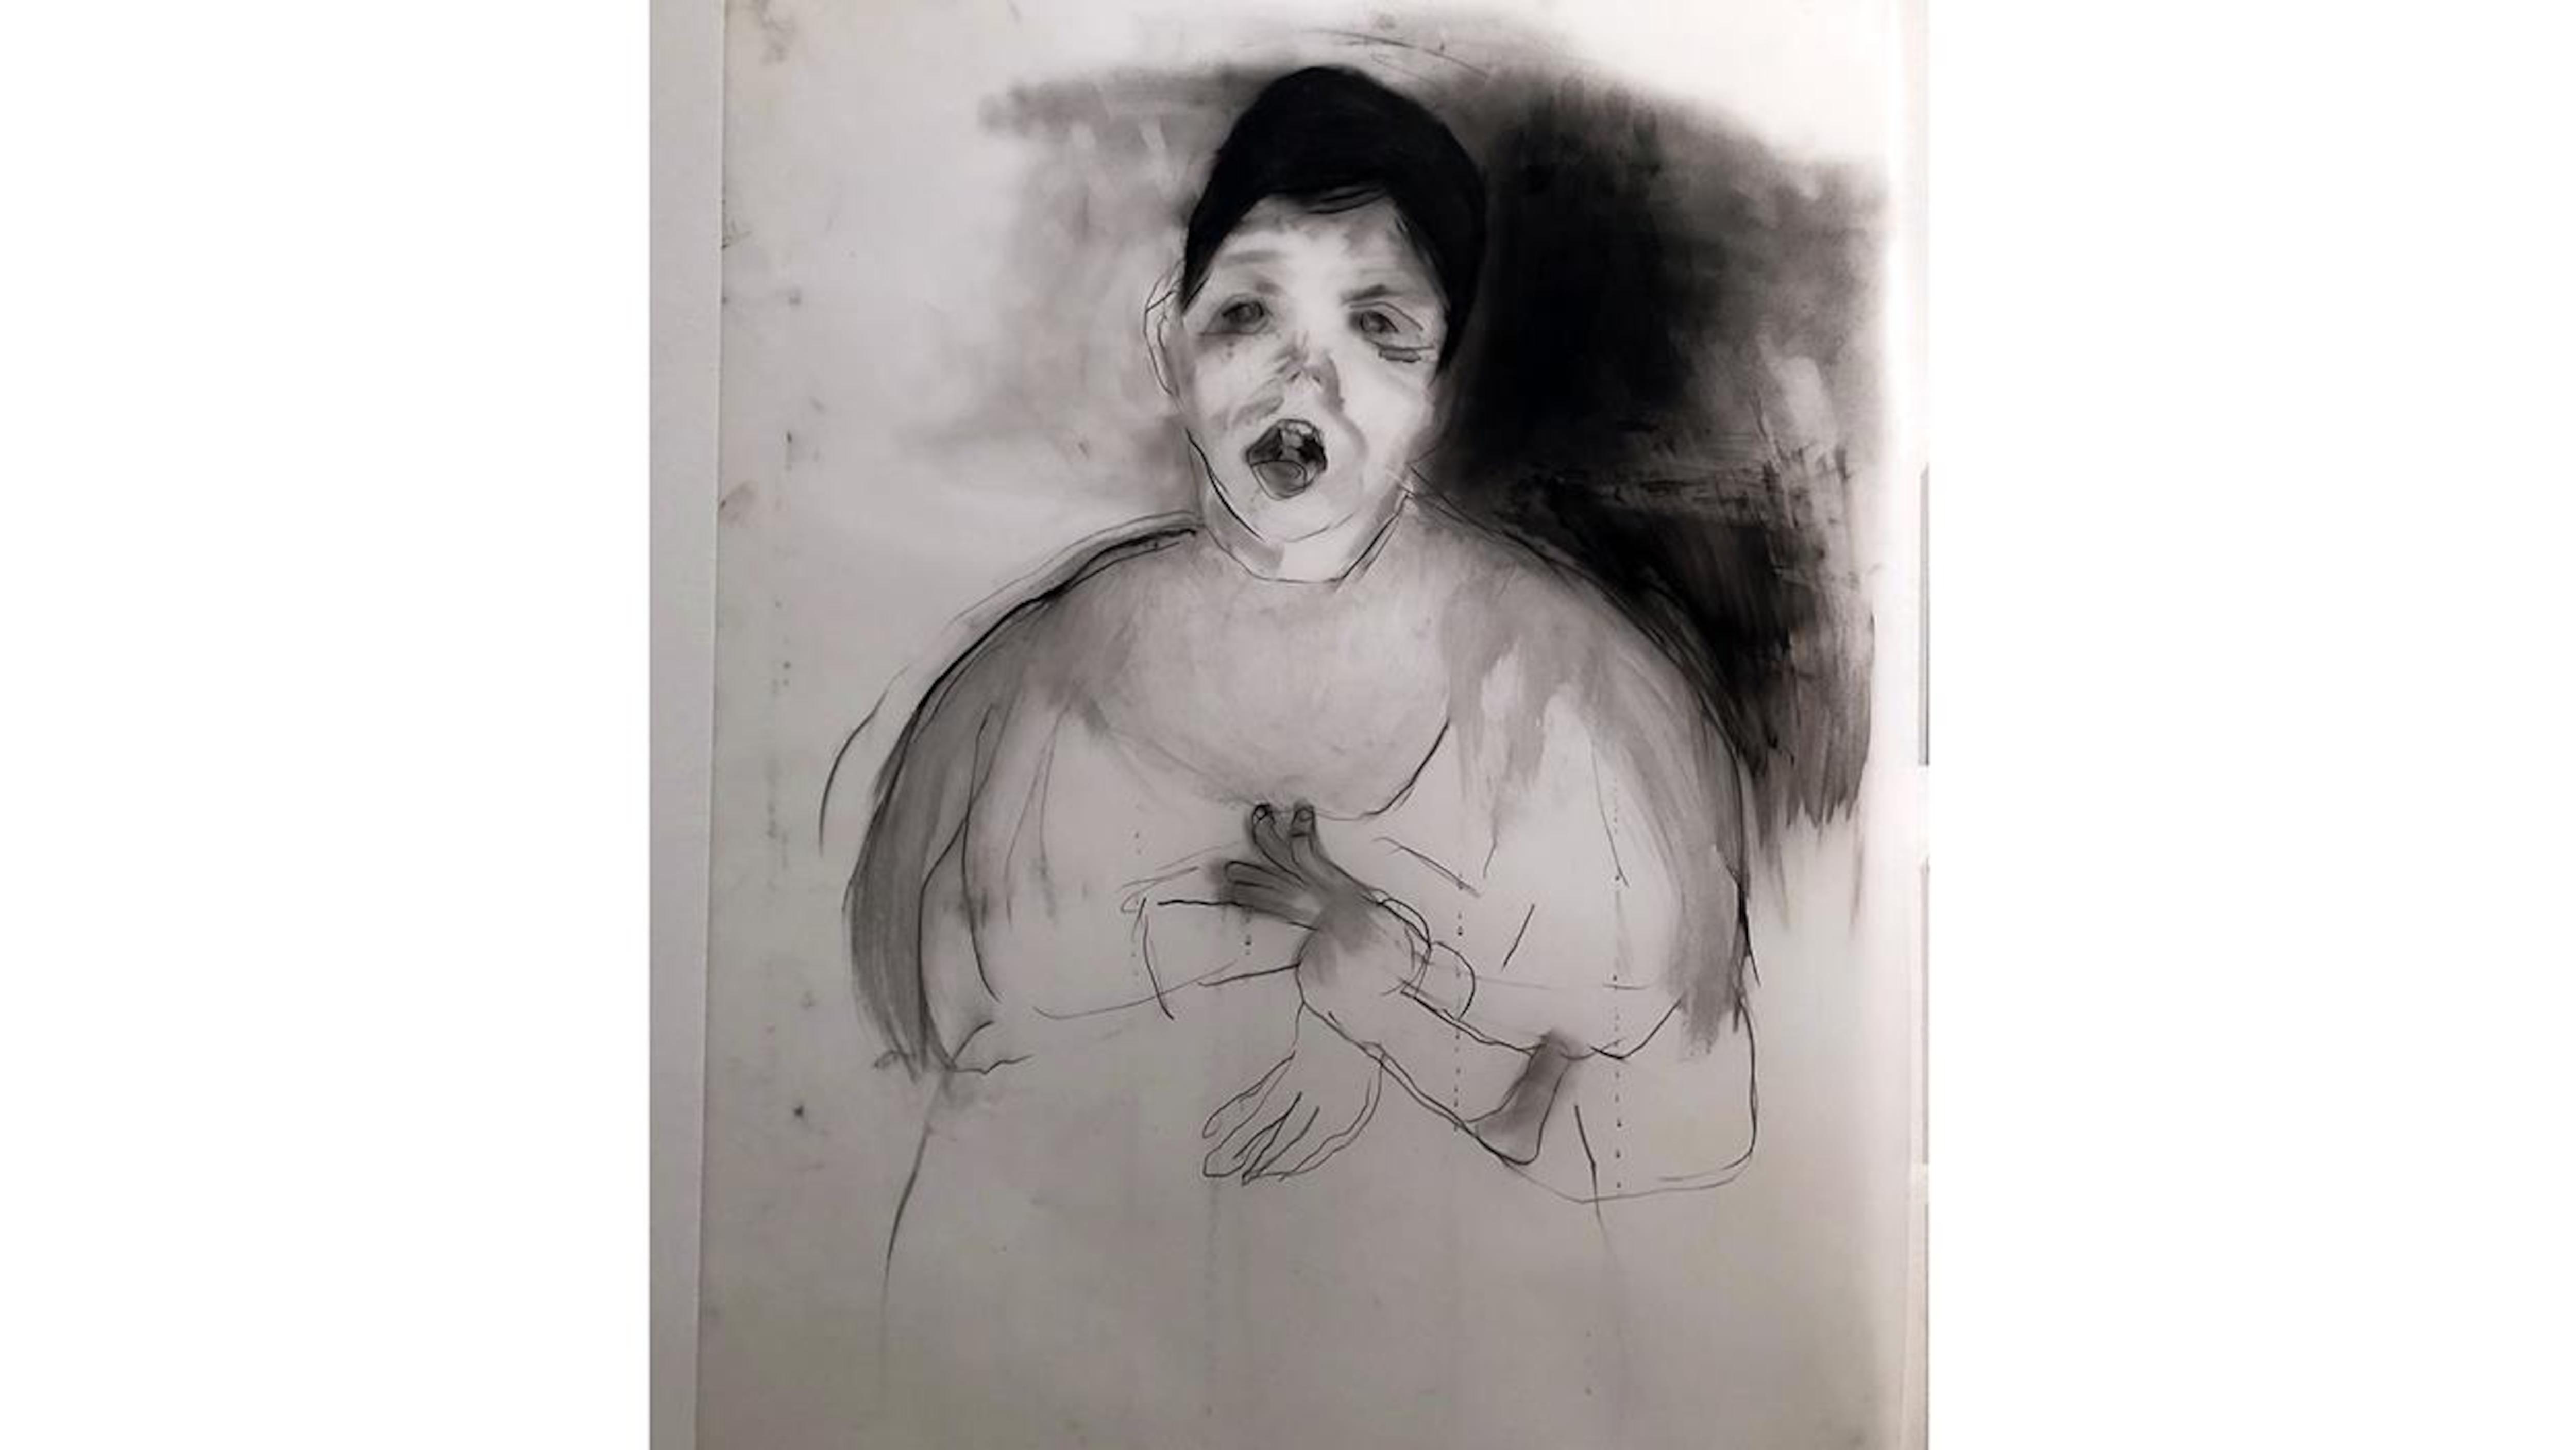 Un dessin en noir et blanc d'un garçon, la bouche ouverte et les mains devant lui.